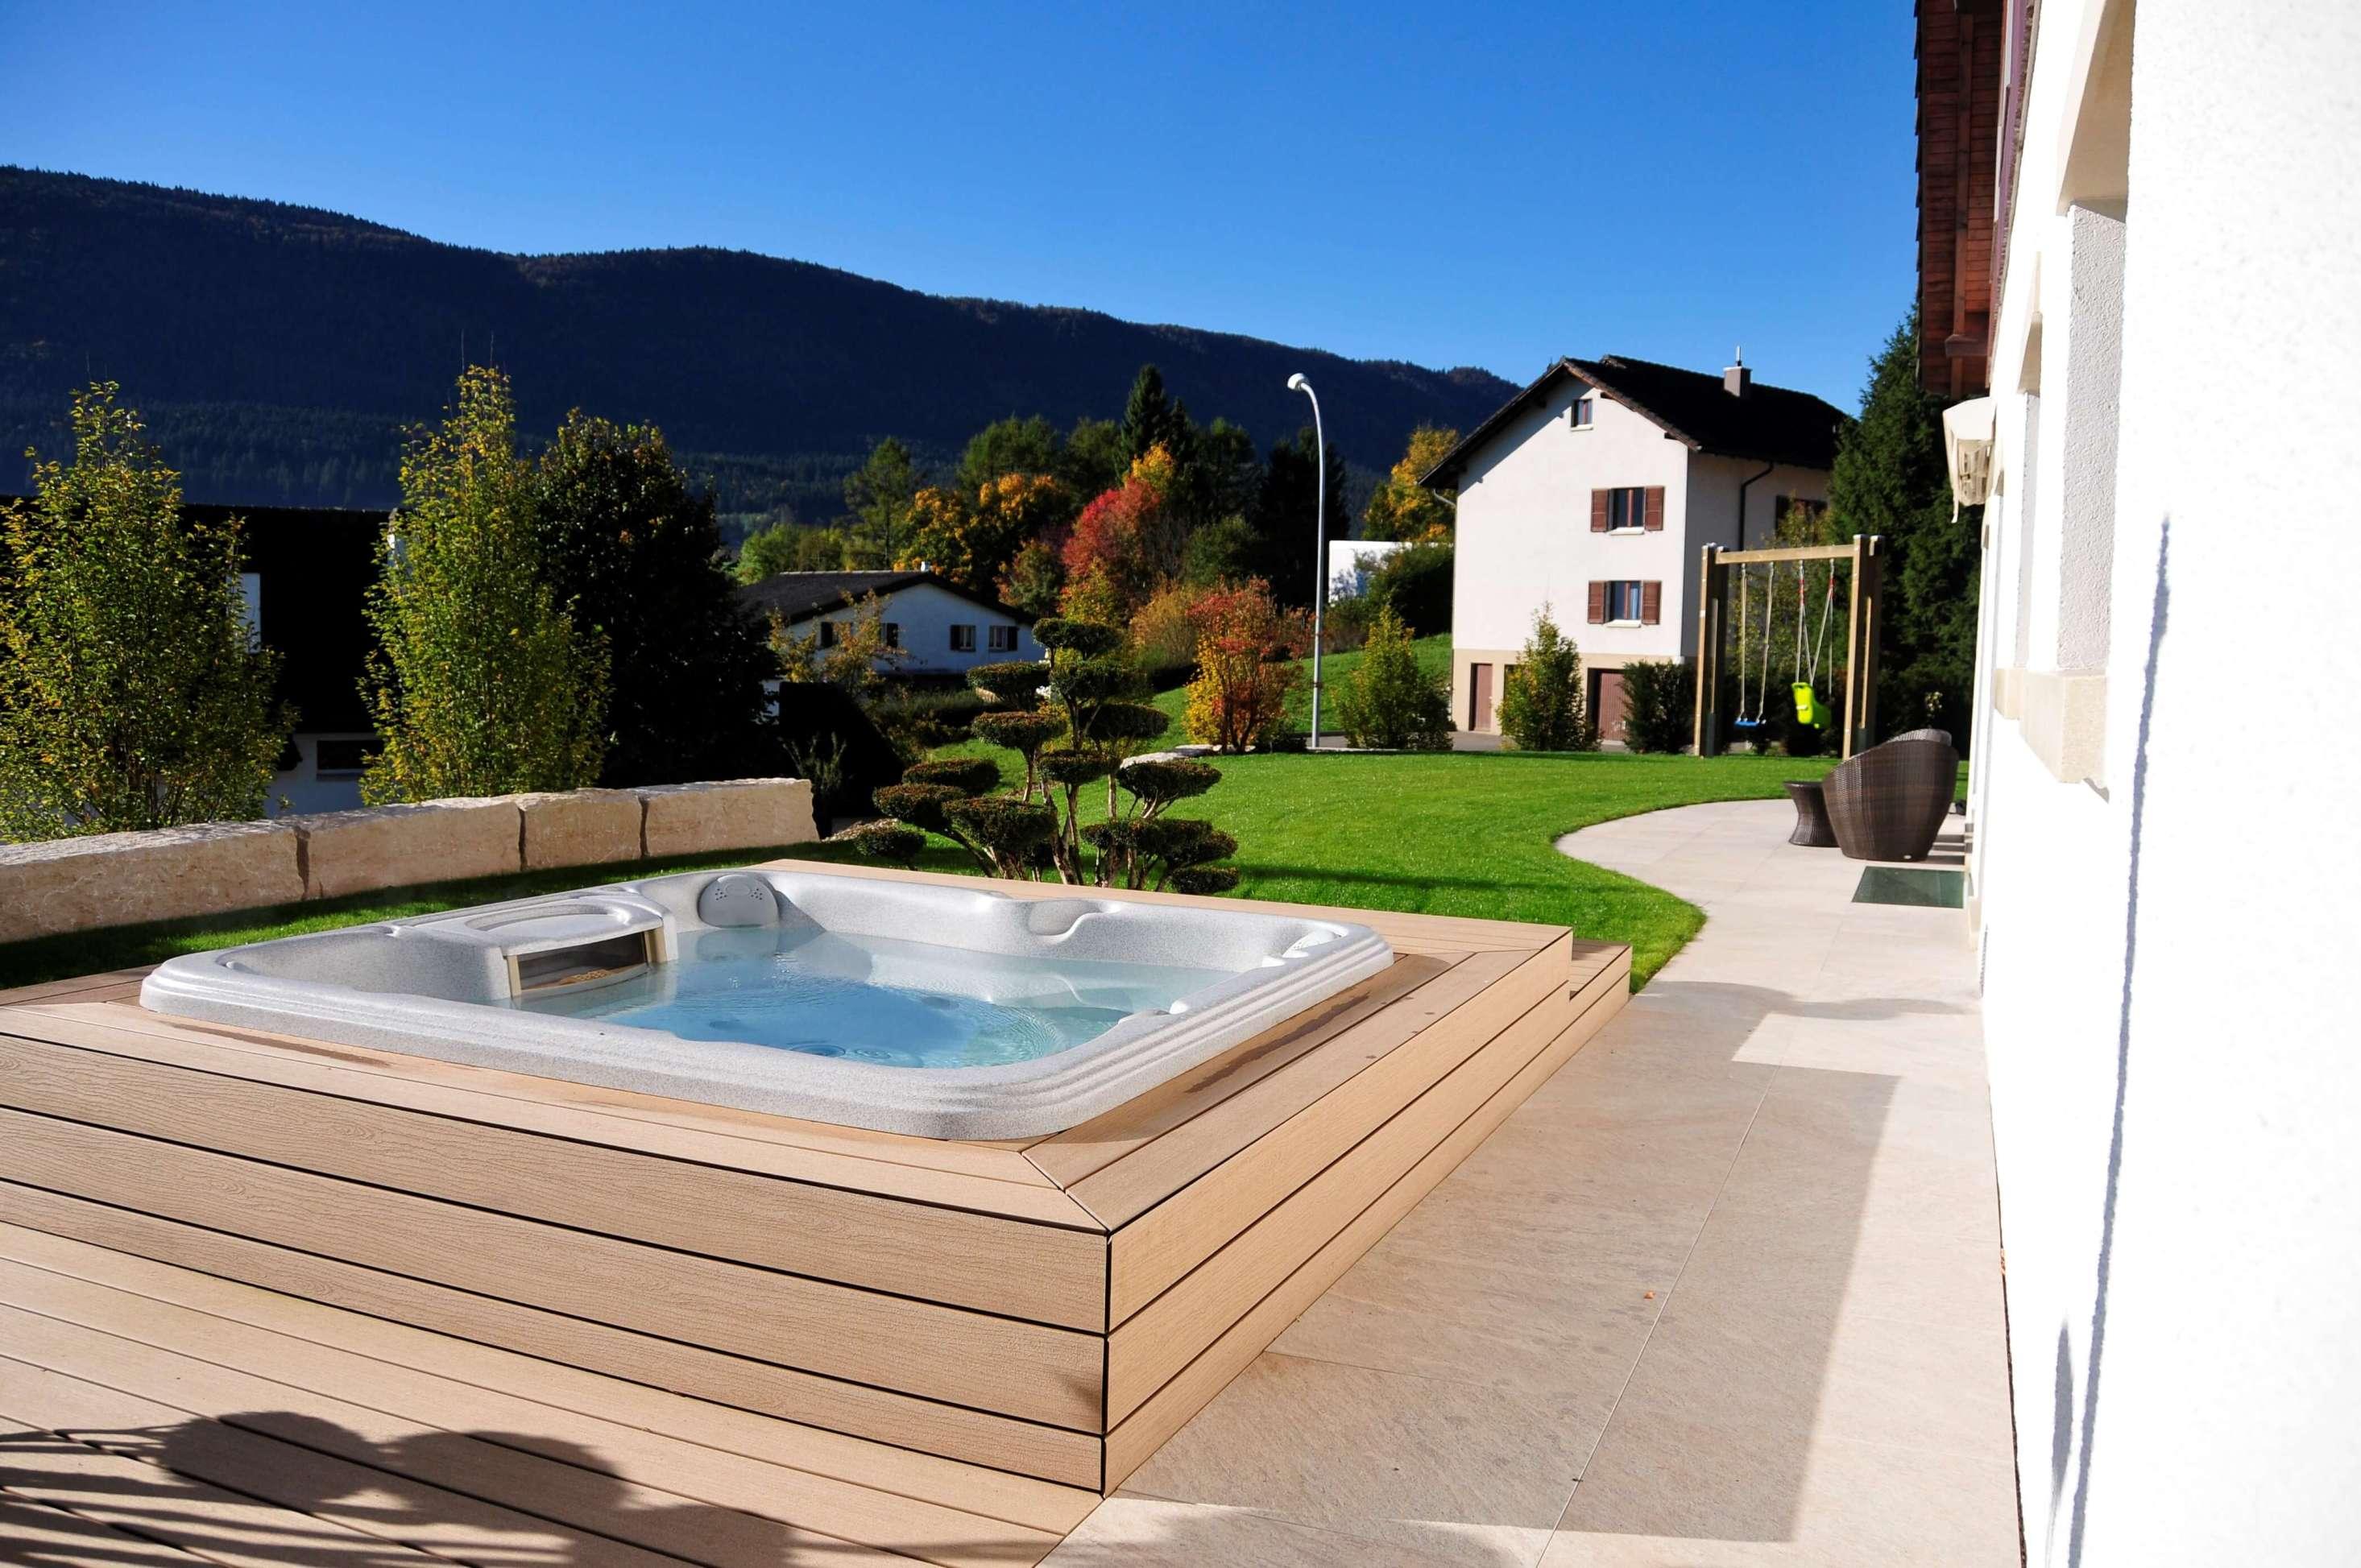 jardin suisse jura bernois berne aellig paysages valbirse jaccuzi spa jardin privé (2)